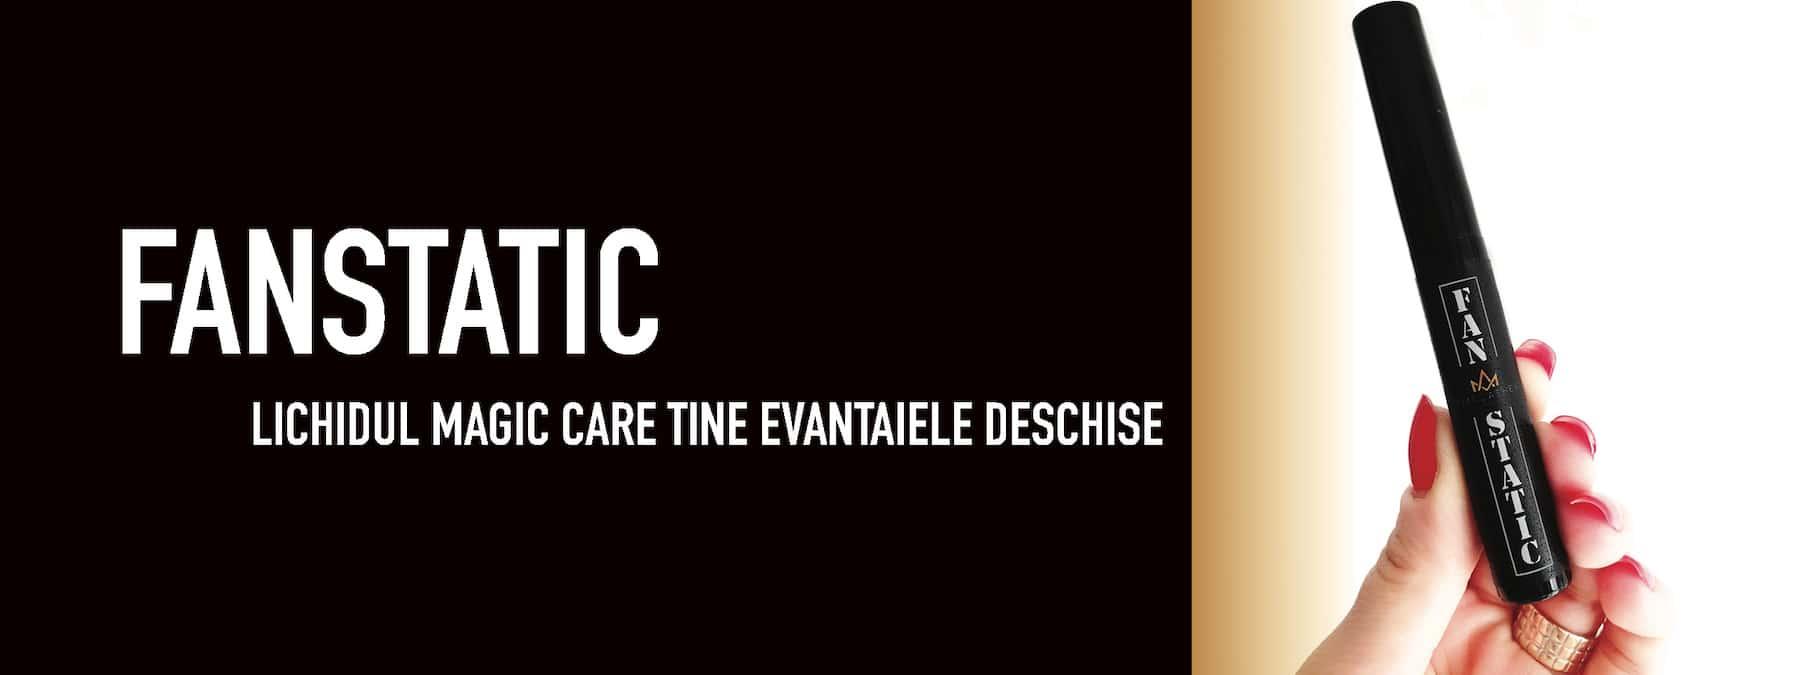 Fanstatic-lichidul-magic-care-tine-evantaiele-deschise-la-aplicarea-extensiilor-de-gene